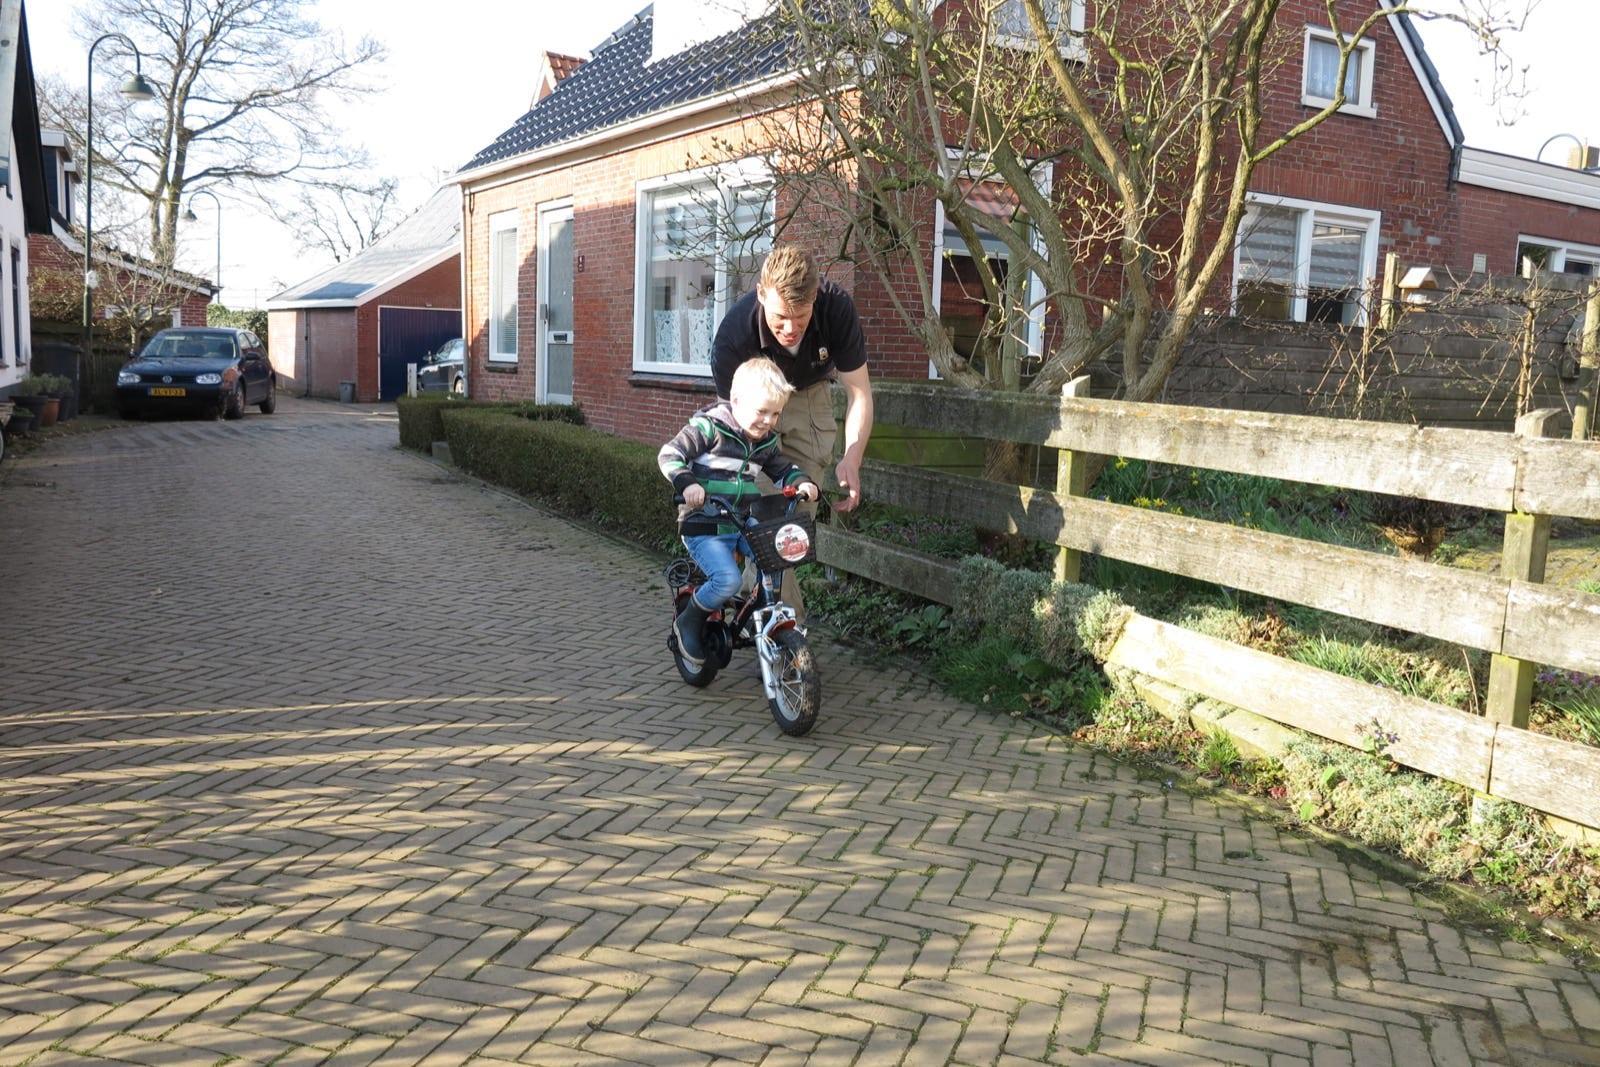 et-fiets-en-fietser-28-guus-zonder-zijwieltjes-met-pappa-alfred-ottens-oi.jpg